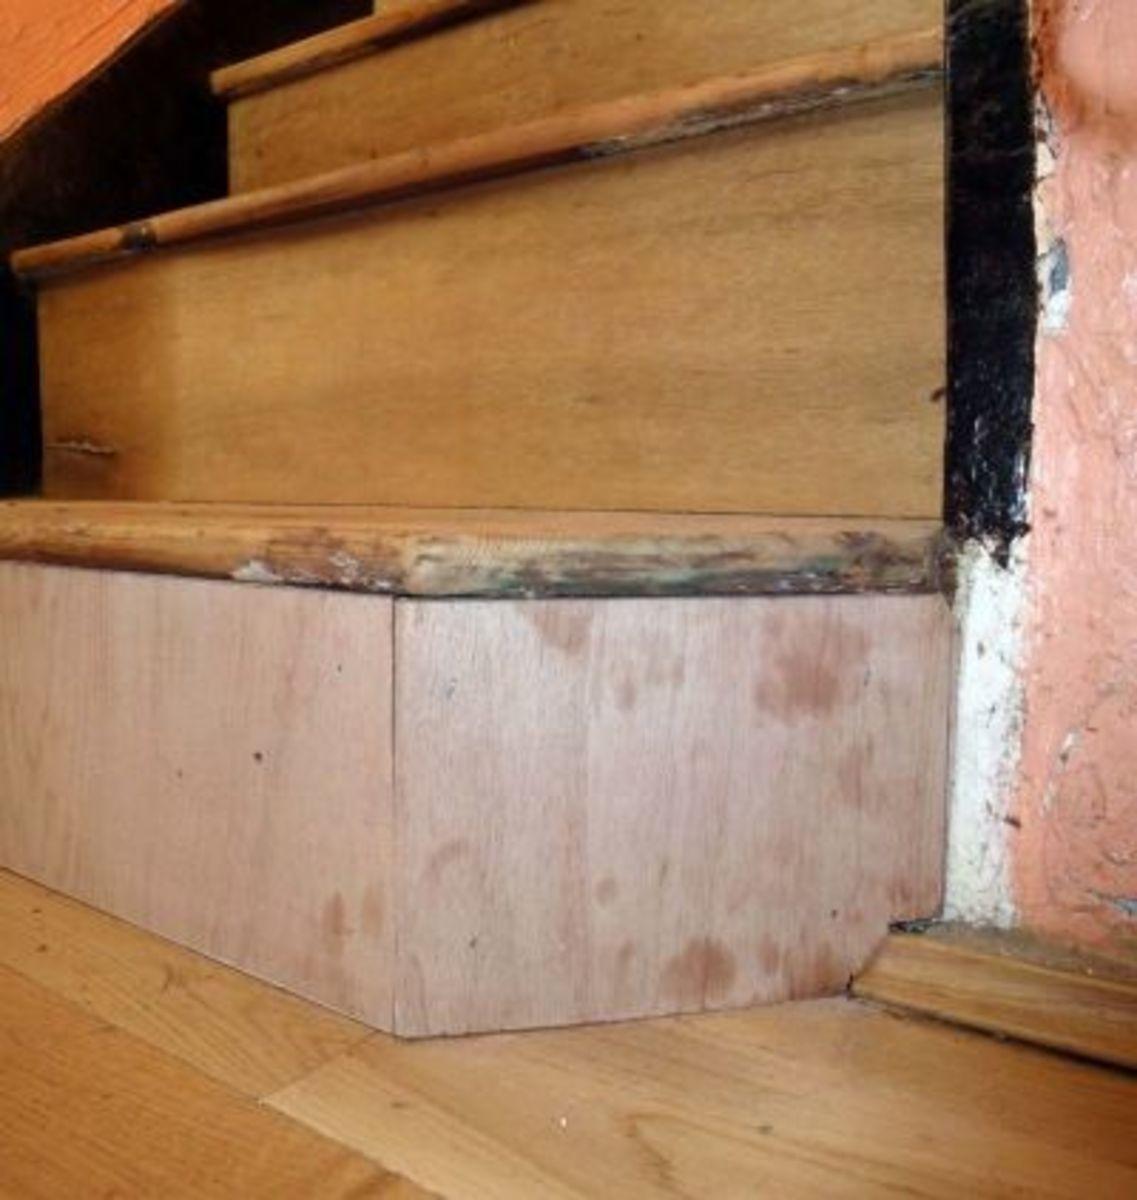 Bottom Step Riser Faced